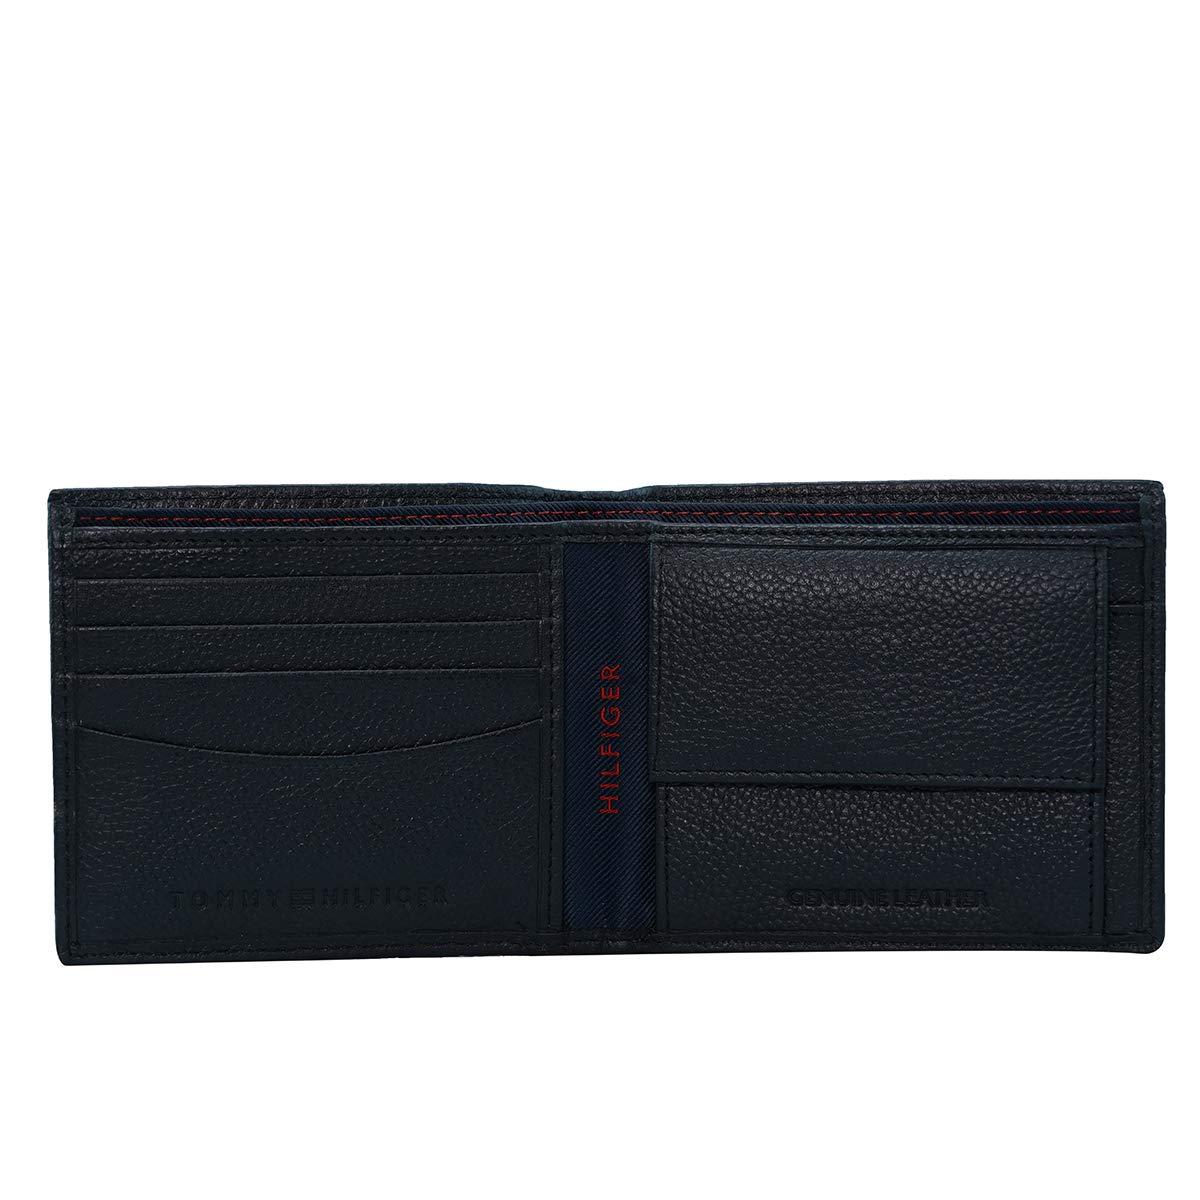 Tommy Hilfiger Black Leather Men's Wallet  8903496150414